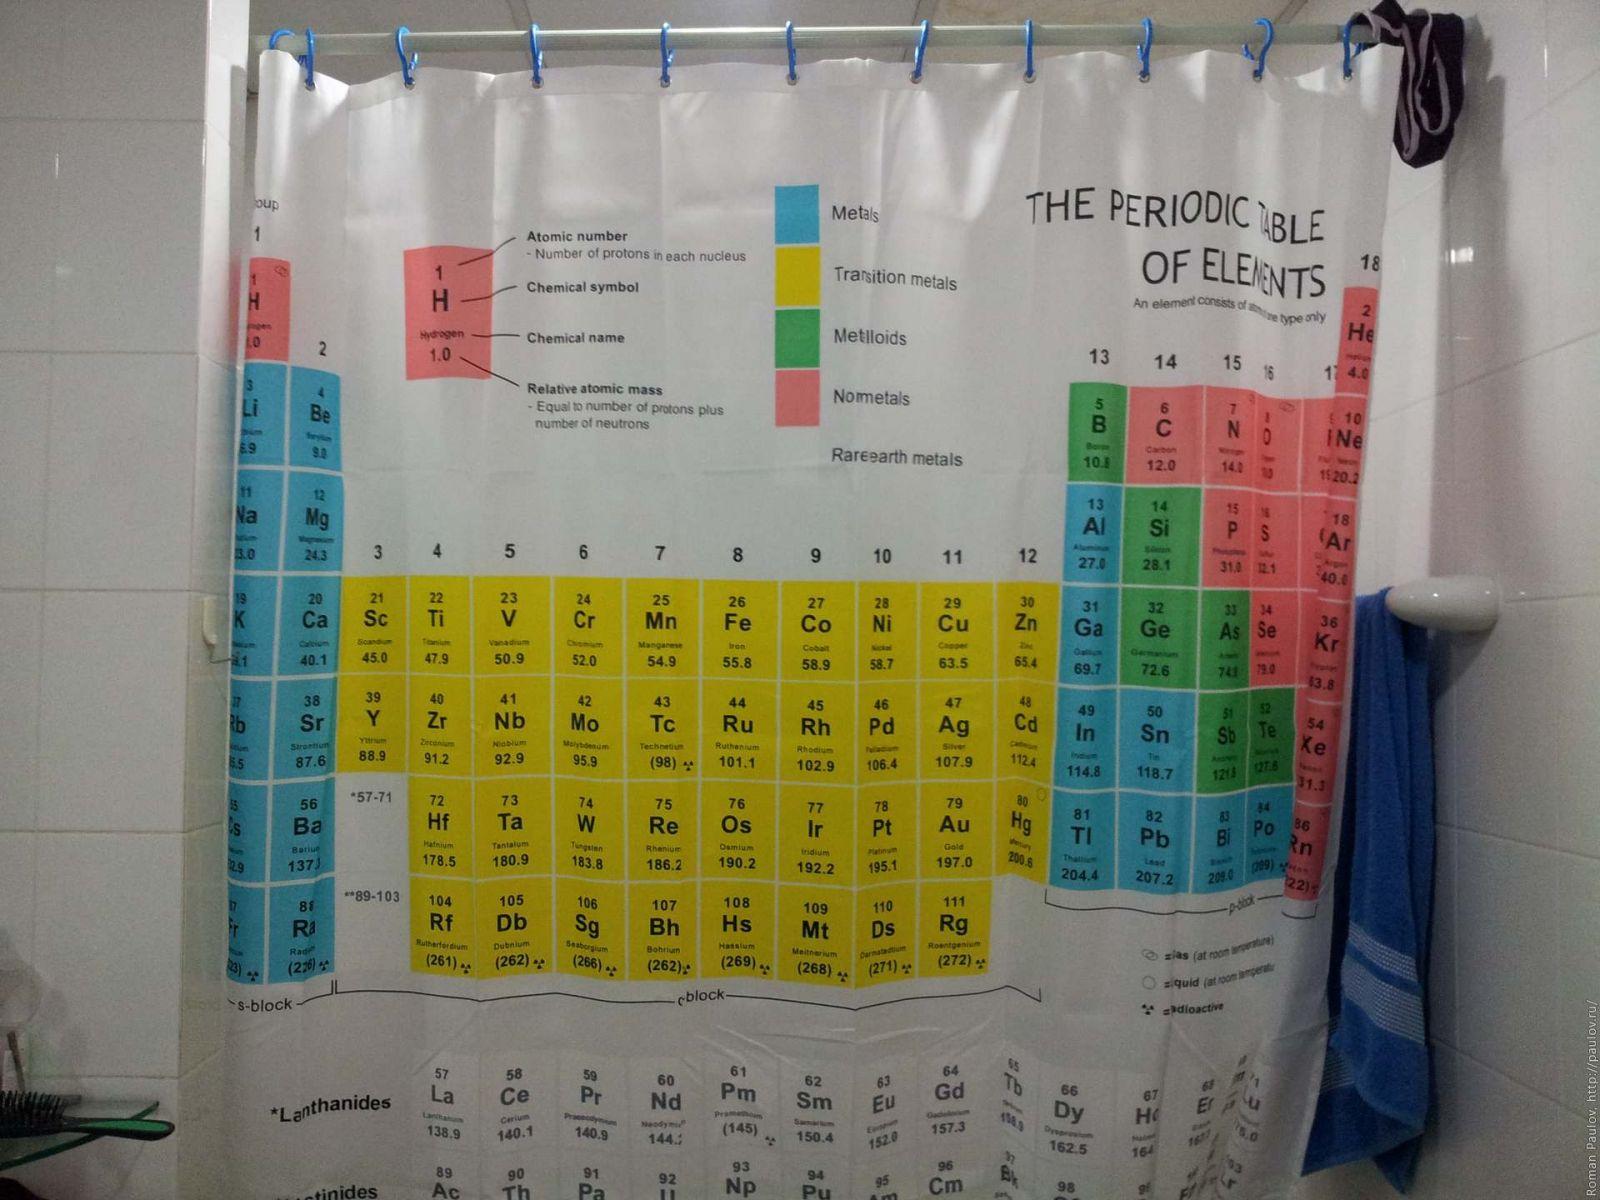 Занавеска для ванны периодическая таблица элементов Менделеева